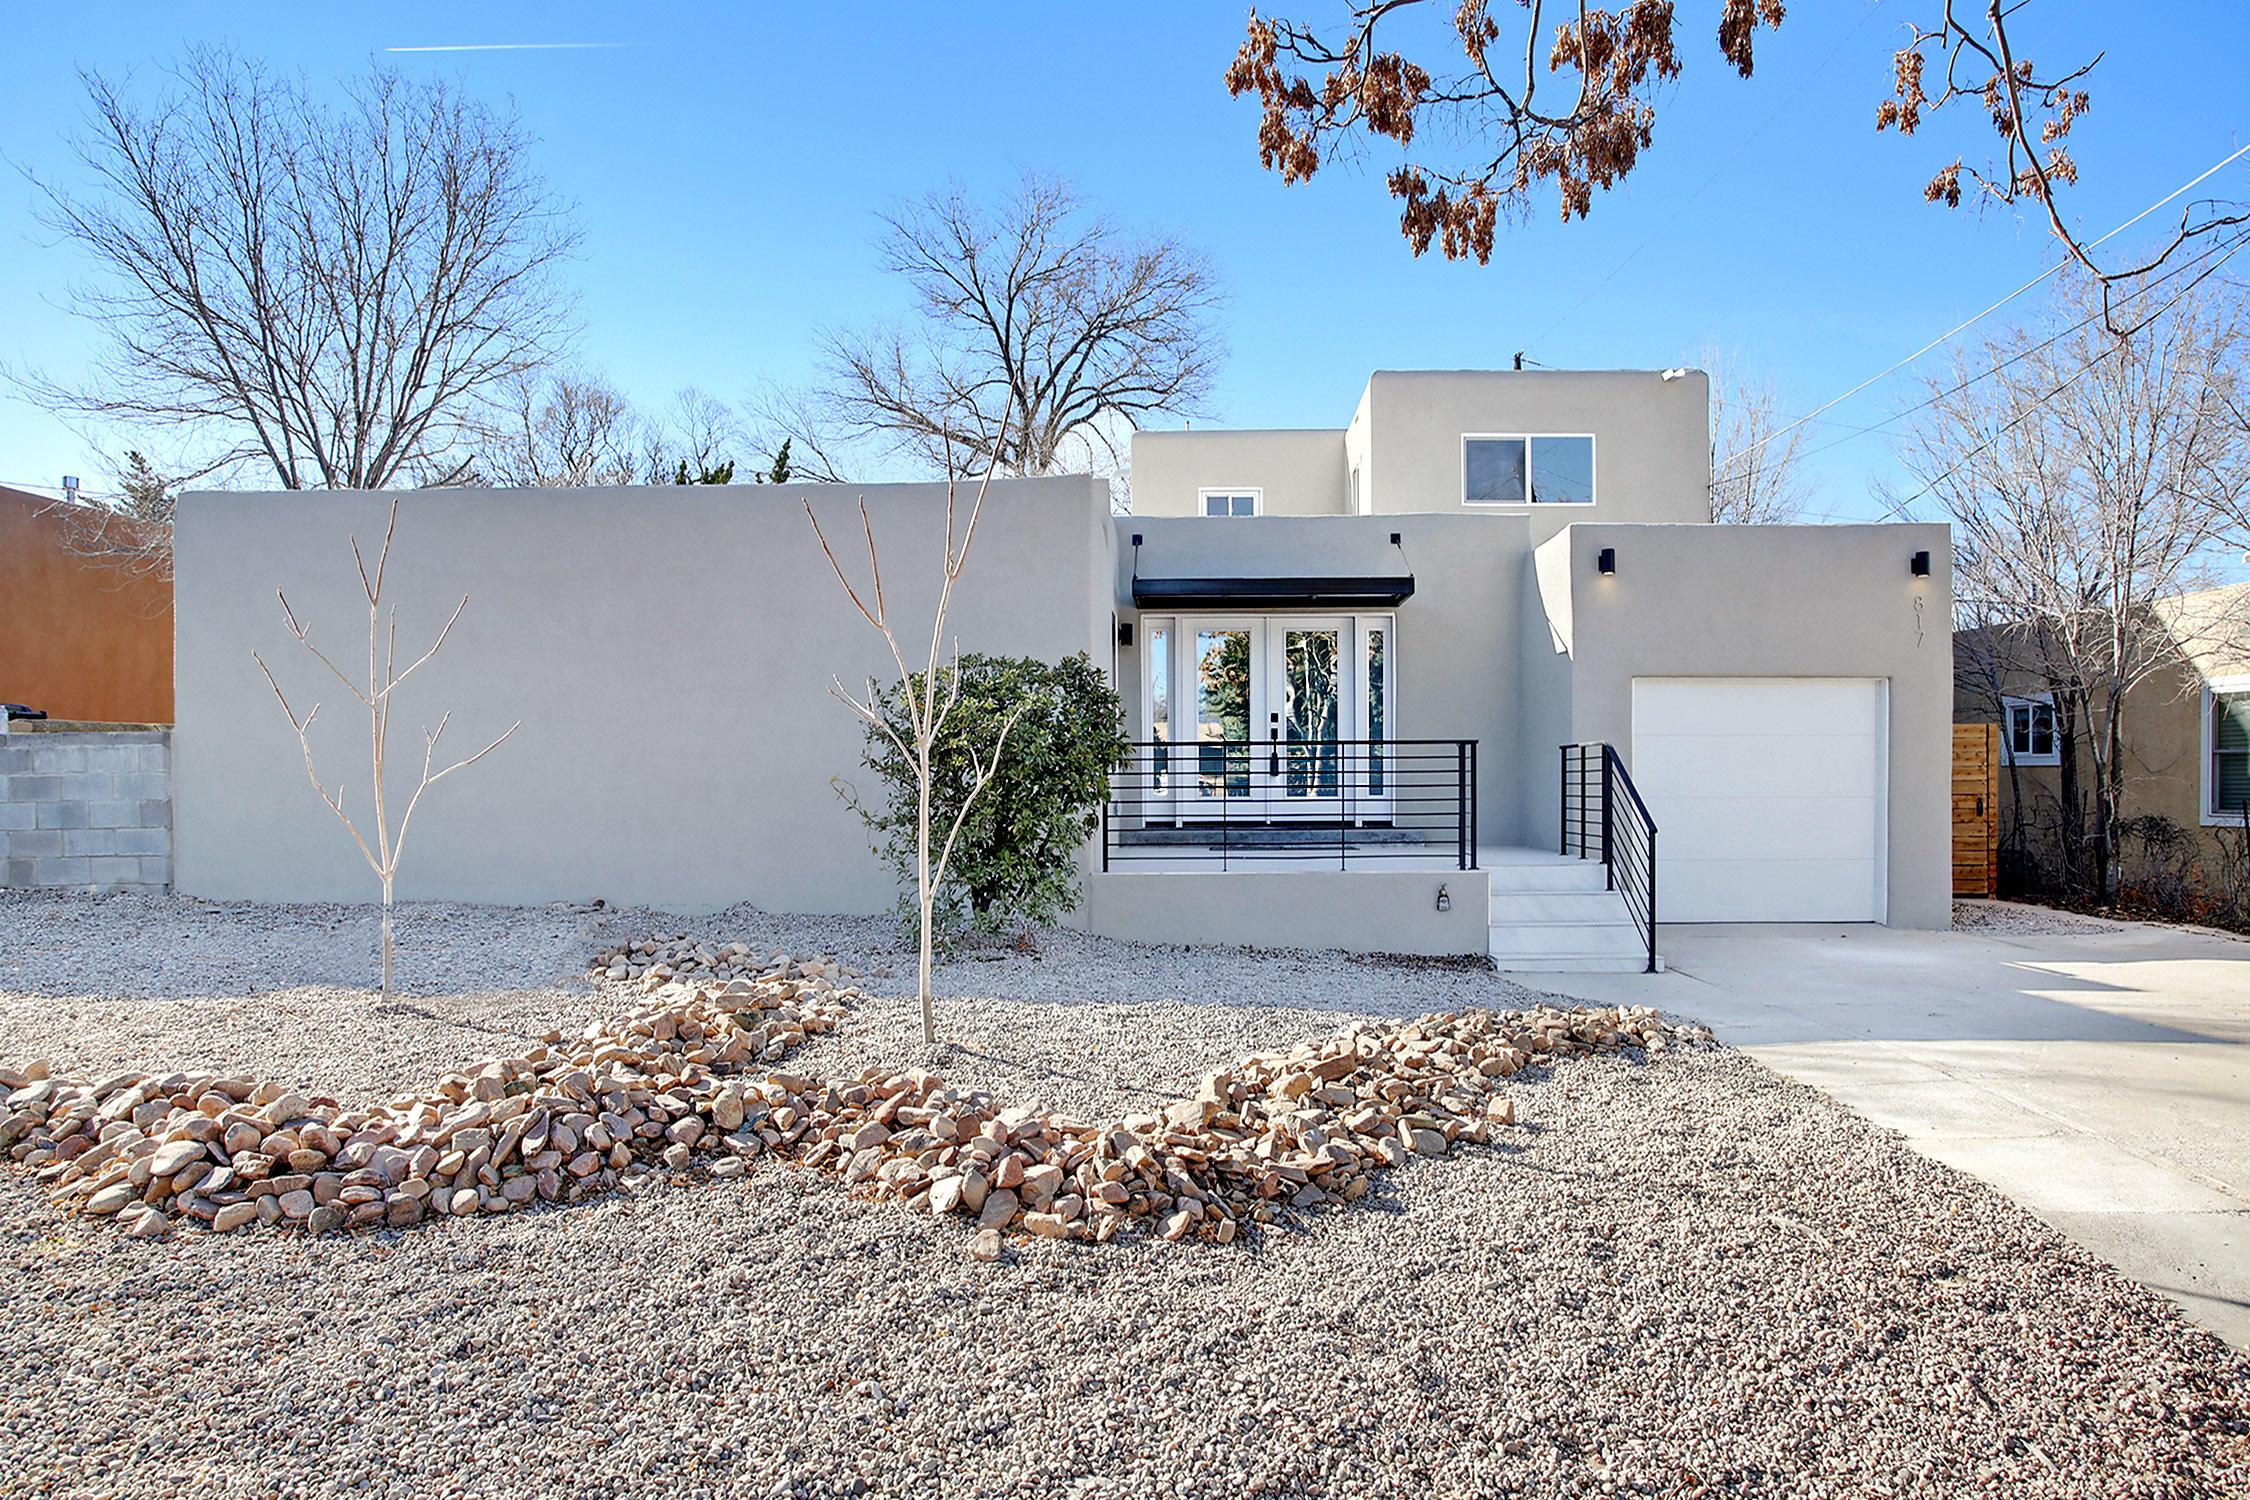 817 LAFAYETTE Drive NE, Albuquerque, NM 87106 - Albuquerque, NM real estate listing